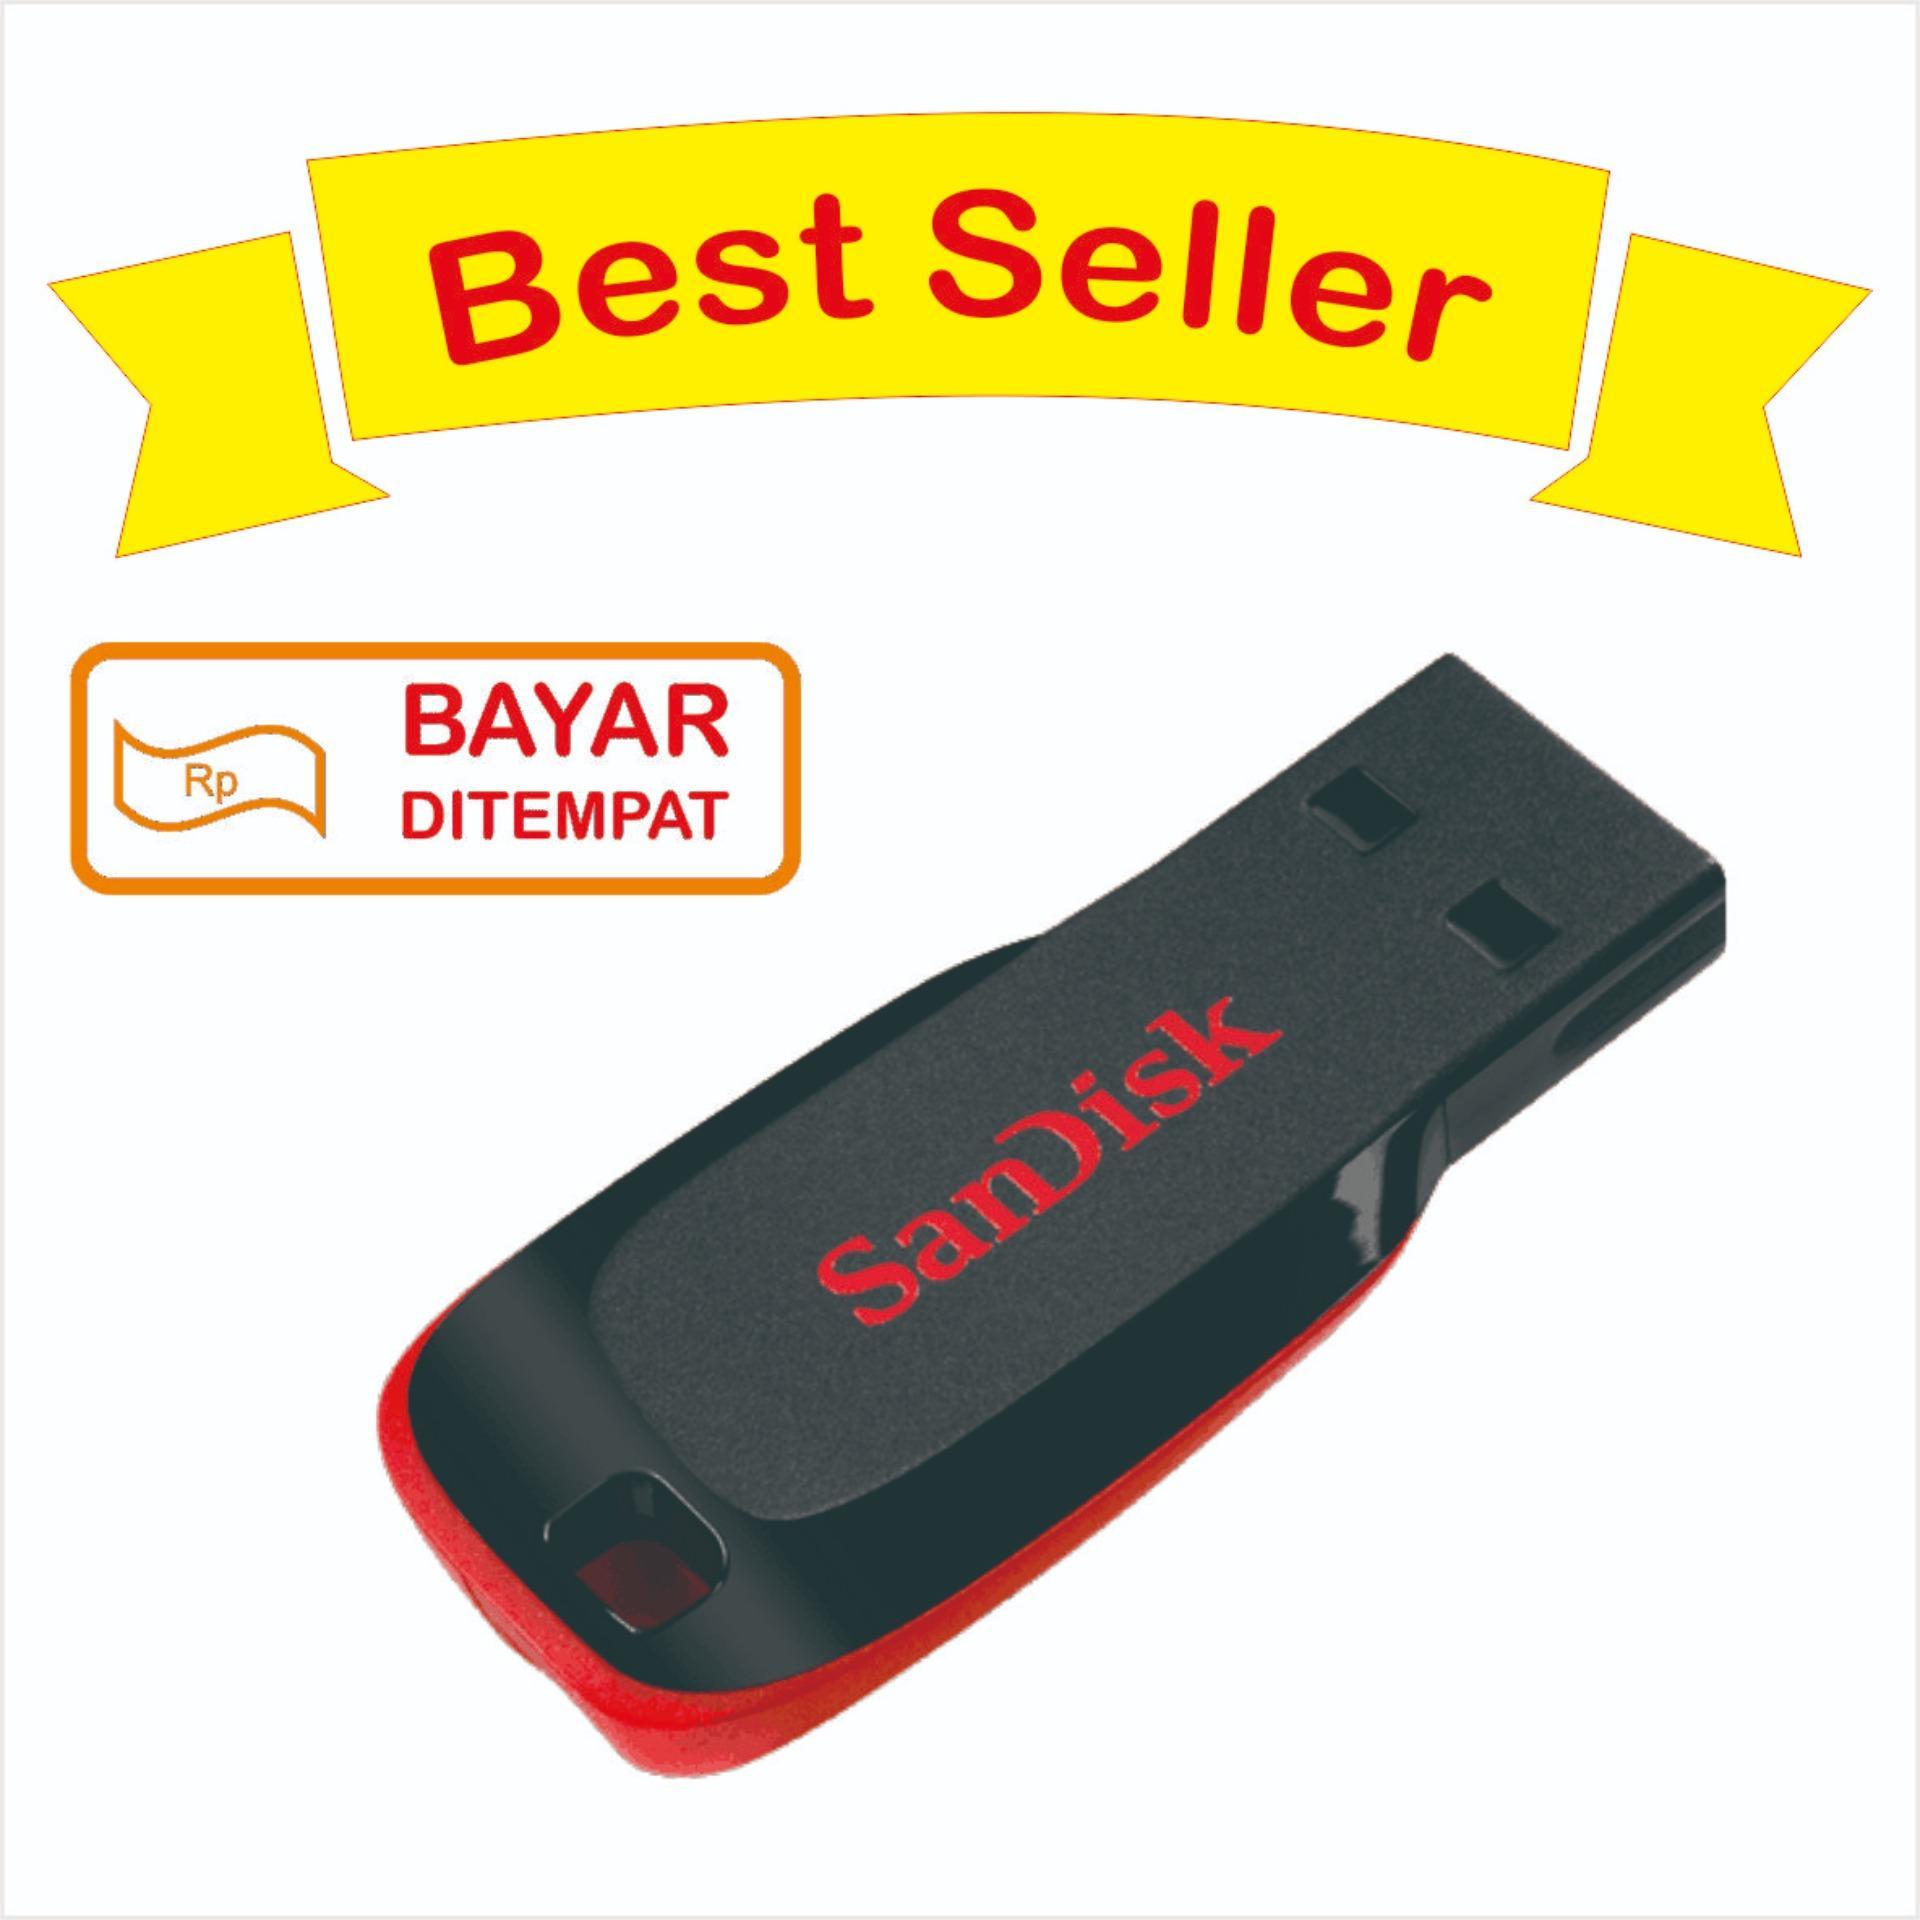 Fitur Sandisk Flash Disk 16 Gb Cruzer Blade Dan Harga Terkini Flashdisk Original